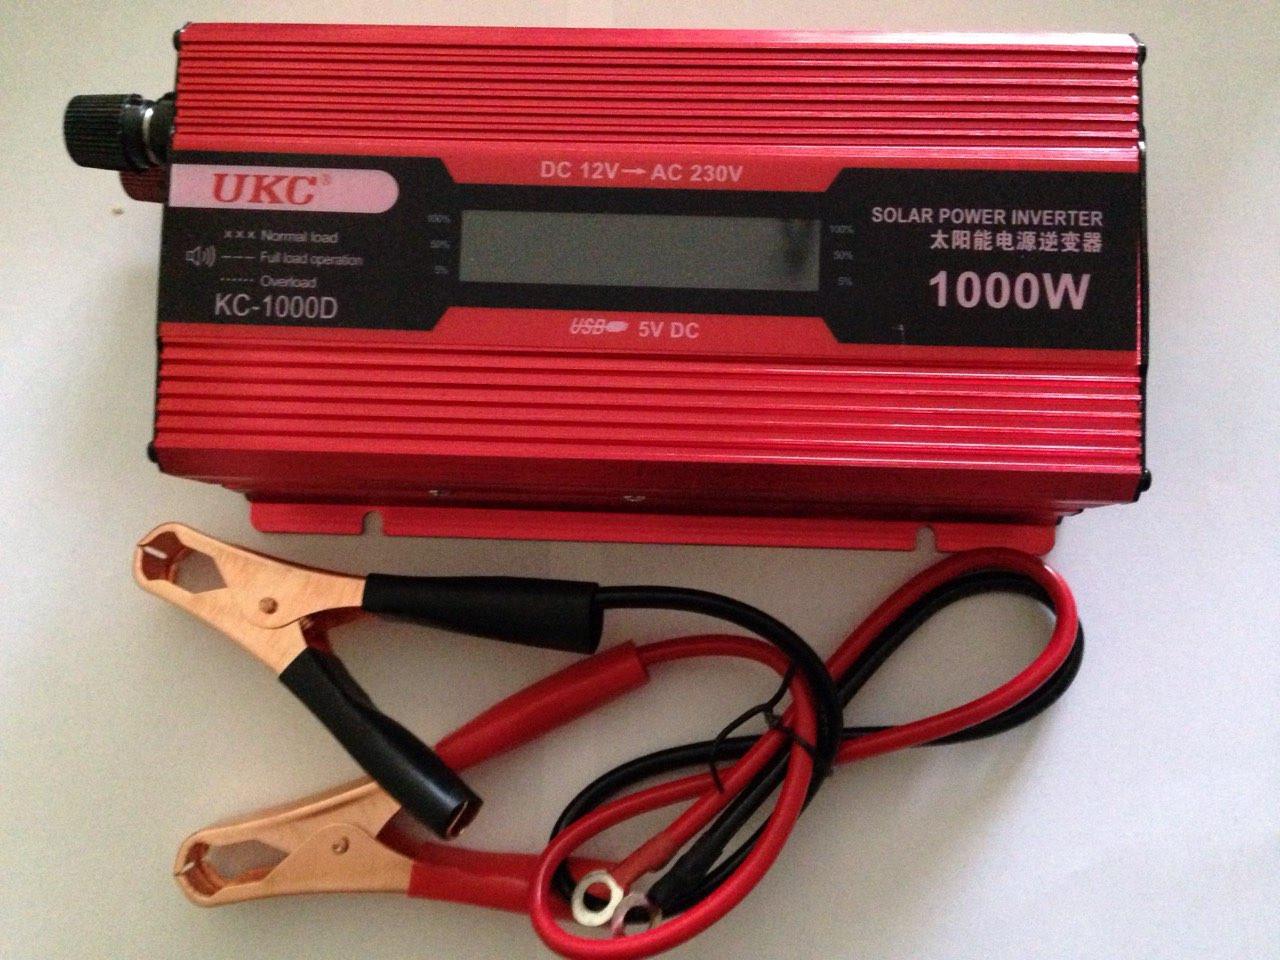 Преобразователь UKC авто инвертор 12V-220V LCD KC-1000D  1000 Вт  с USB